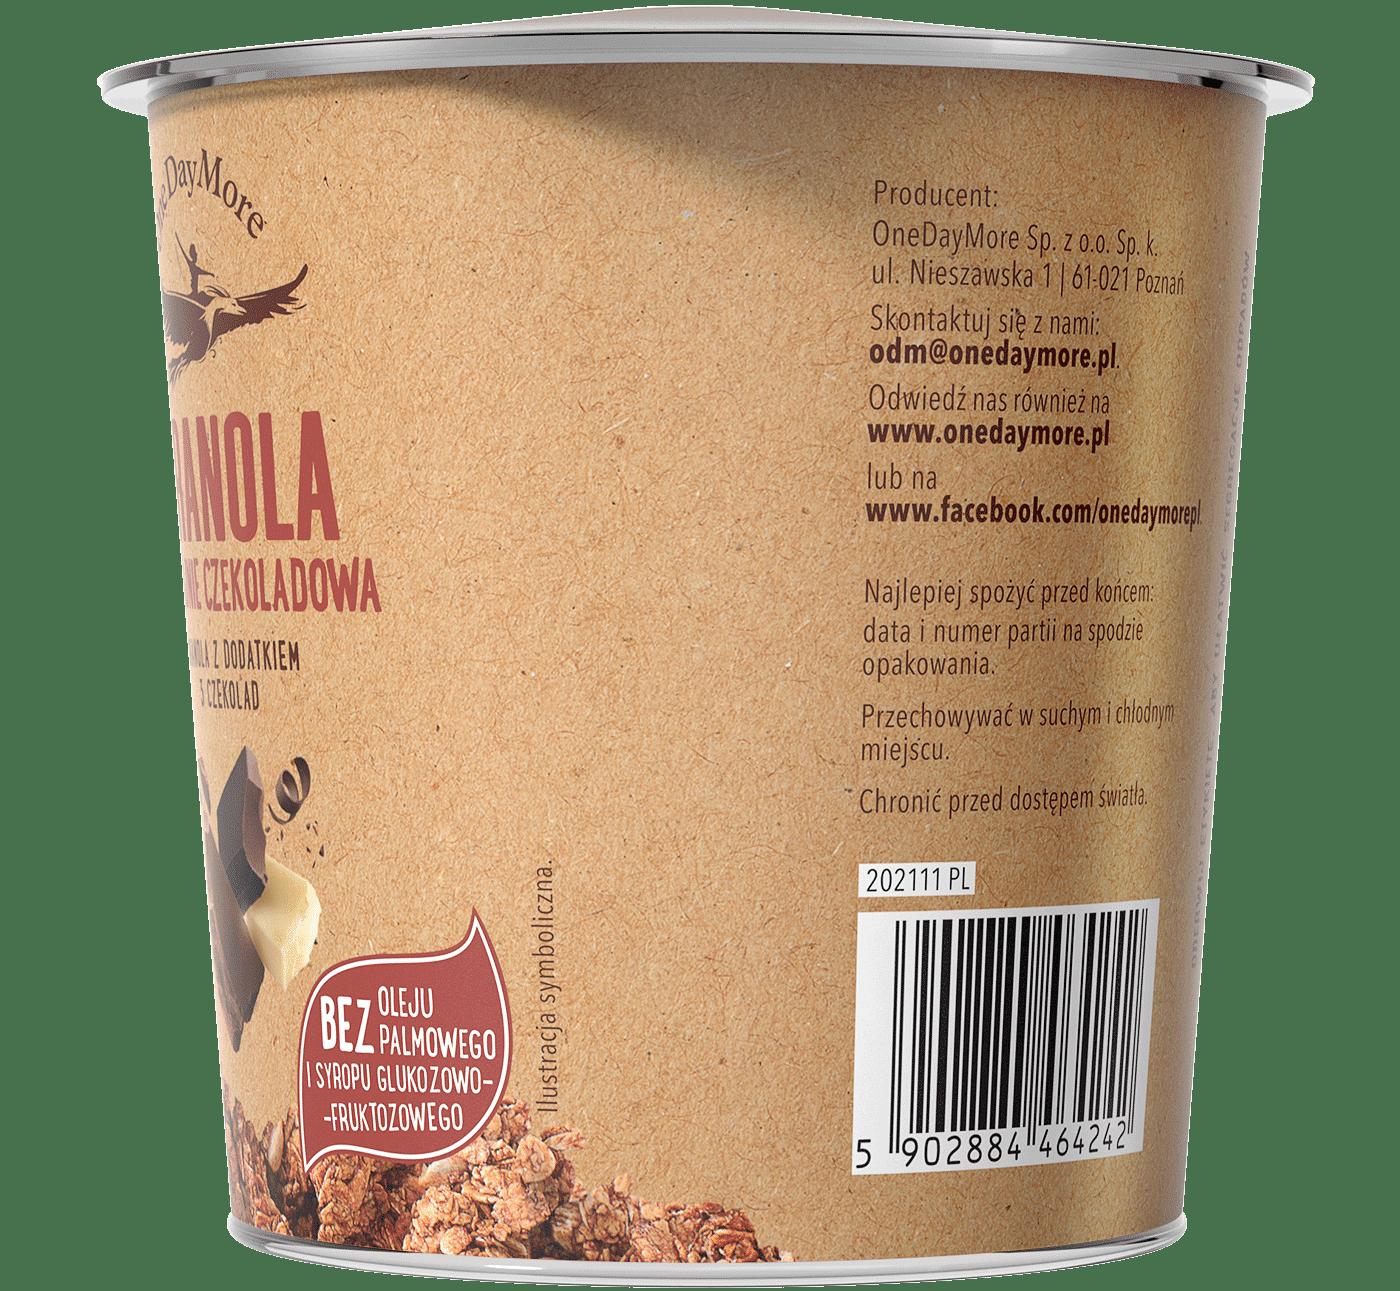 granola-potrojnie-czekoladowa-zestaw-kubkow-bok-onedaymore-1400×1291